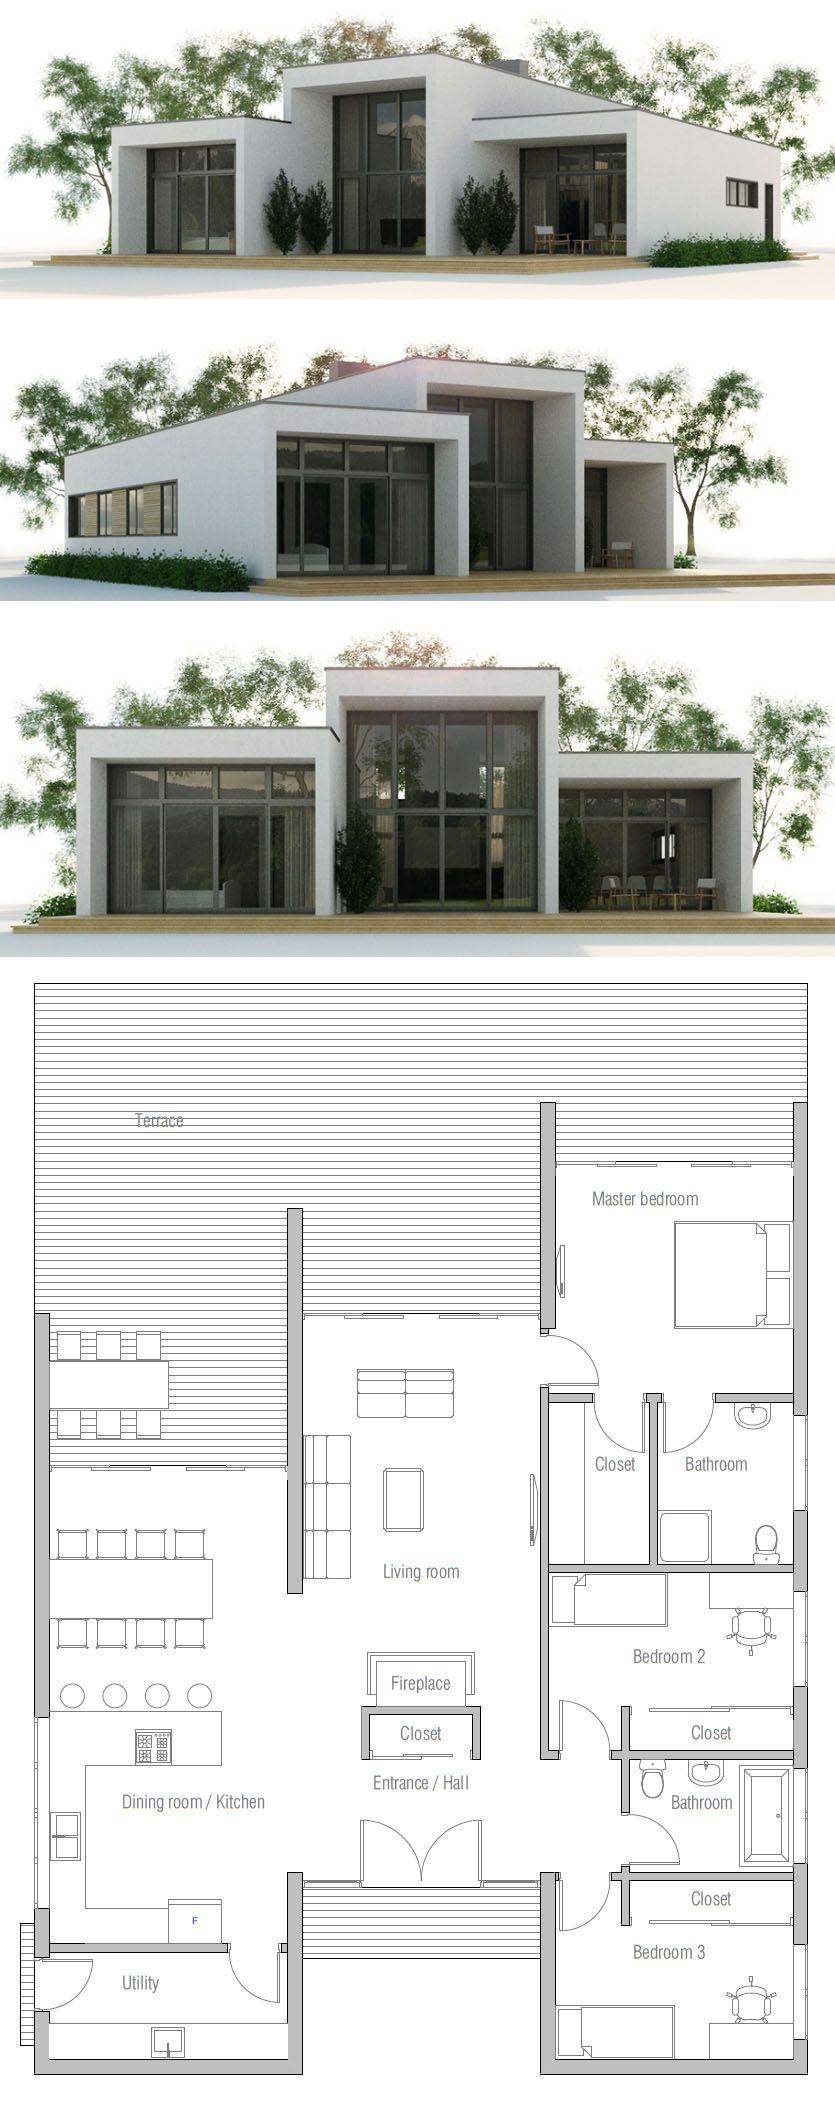 Modular Home Plan Shipping Container House Plan Prefab House Design Interior Deco Contemporary House Plans Building A Container Home Container House Plans